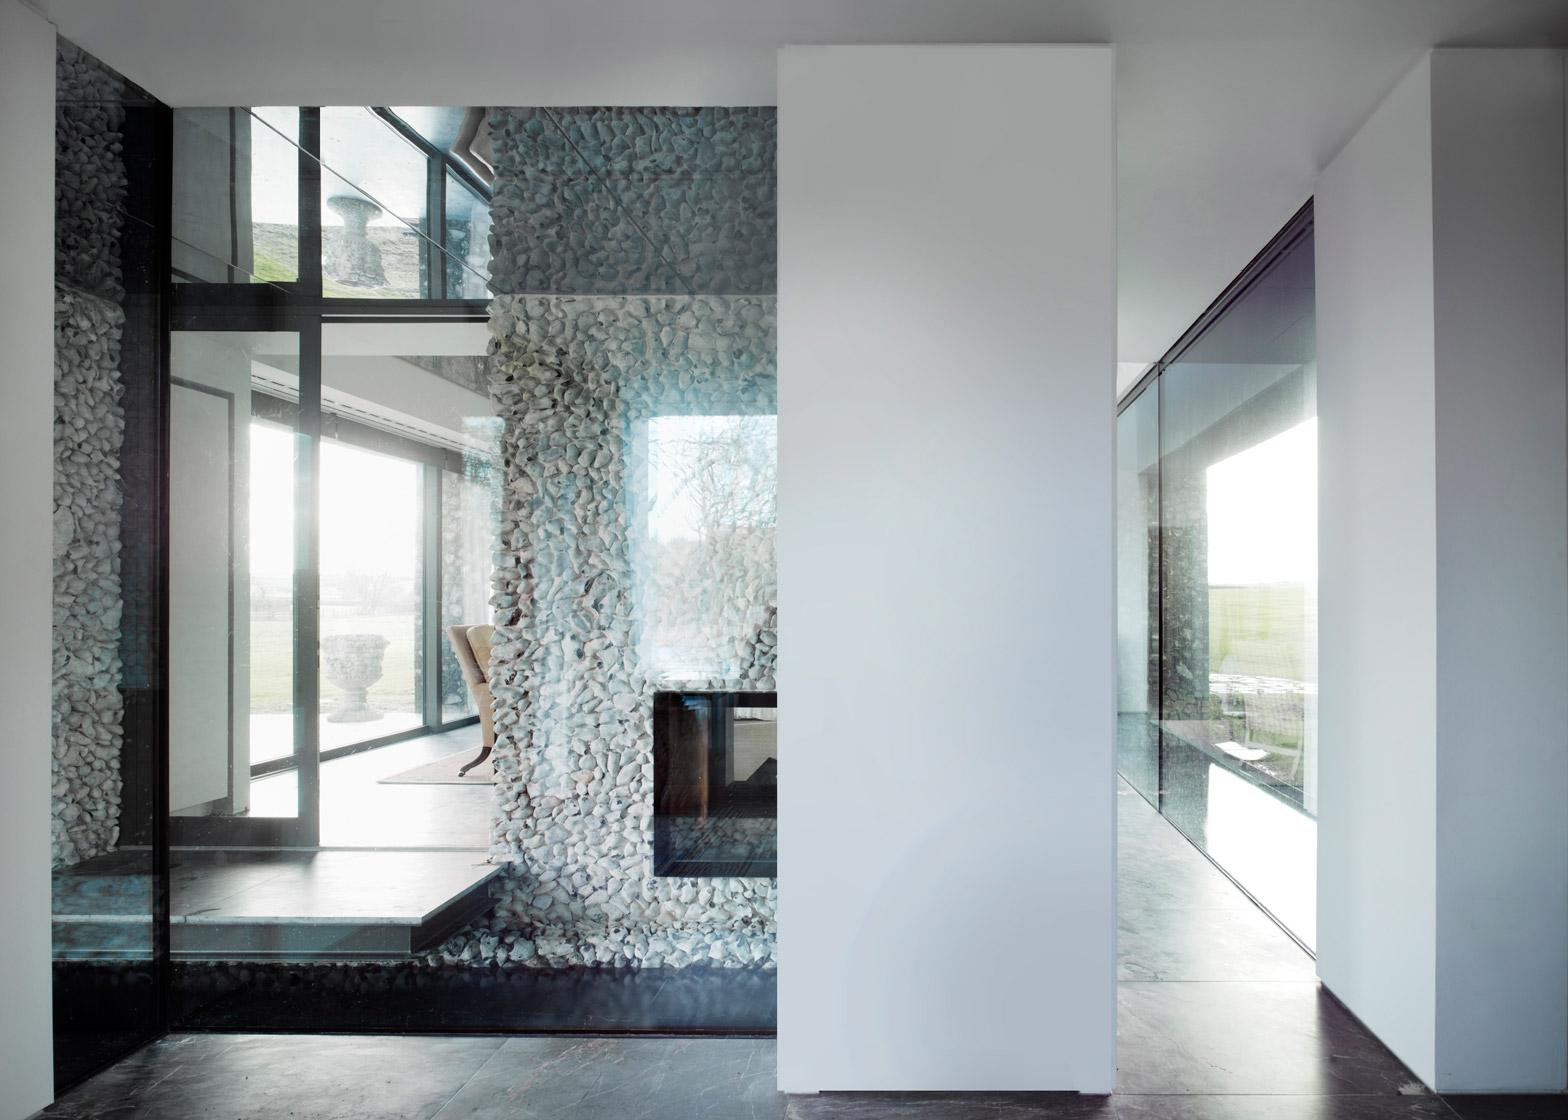 Flint House by Skene Catling de la Peña